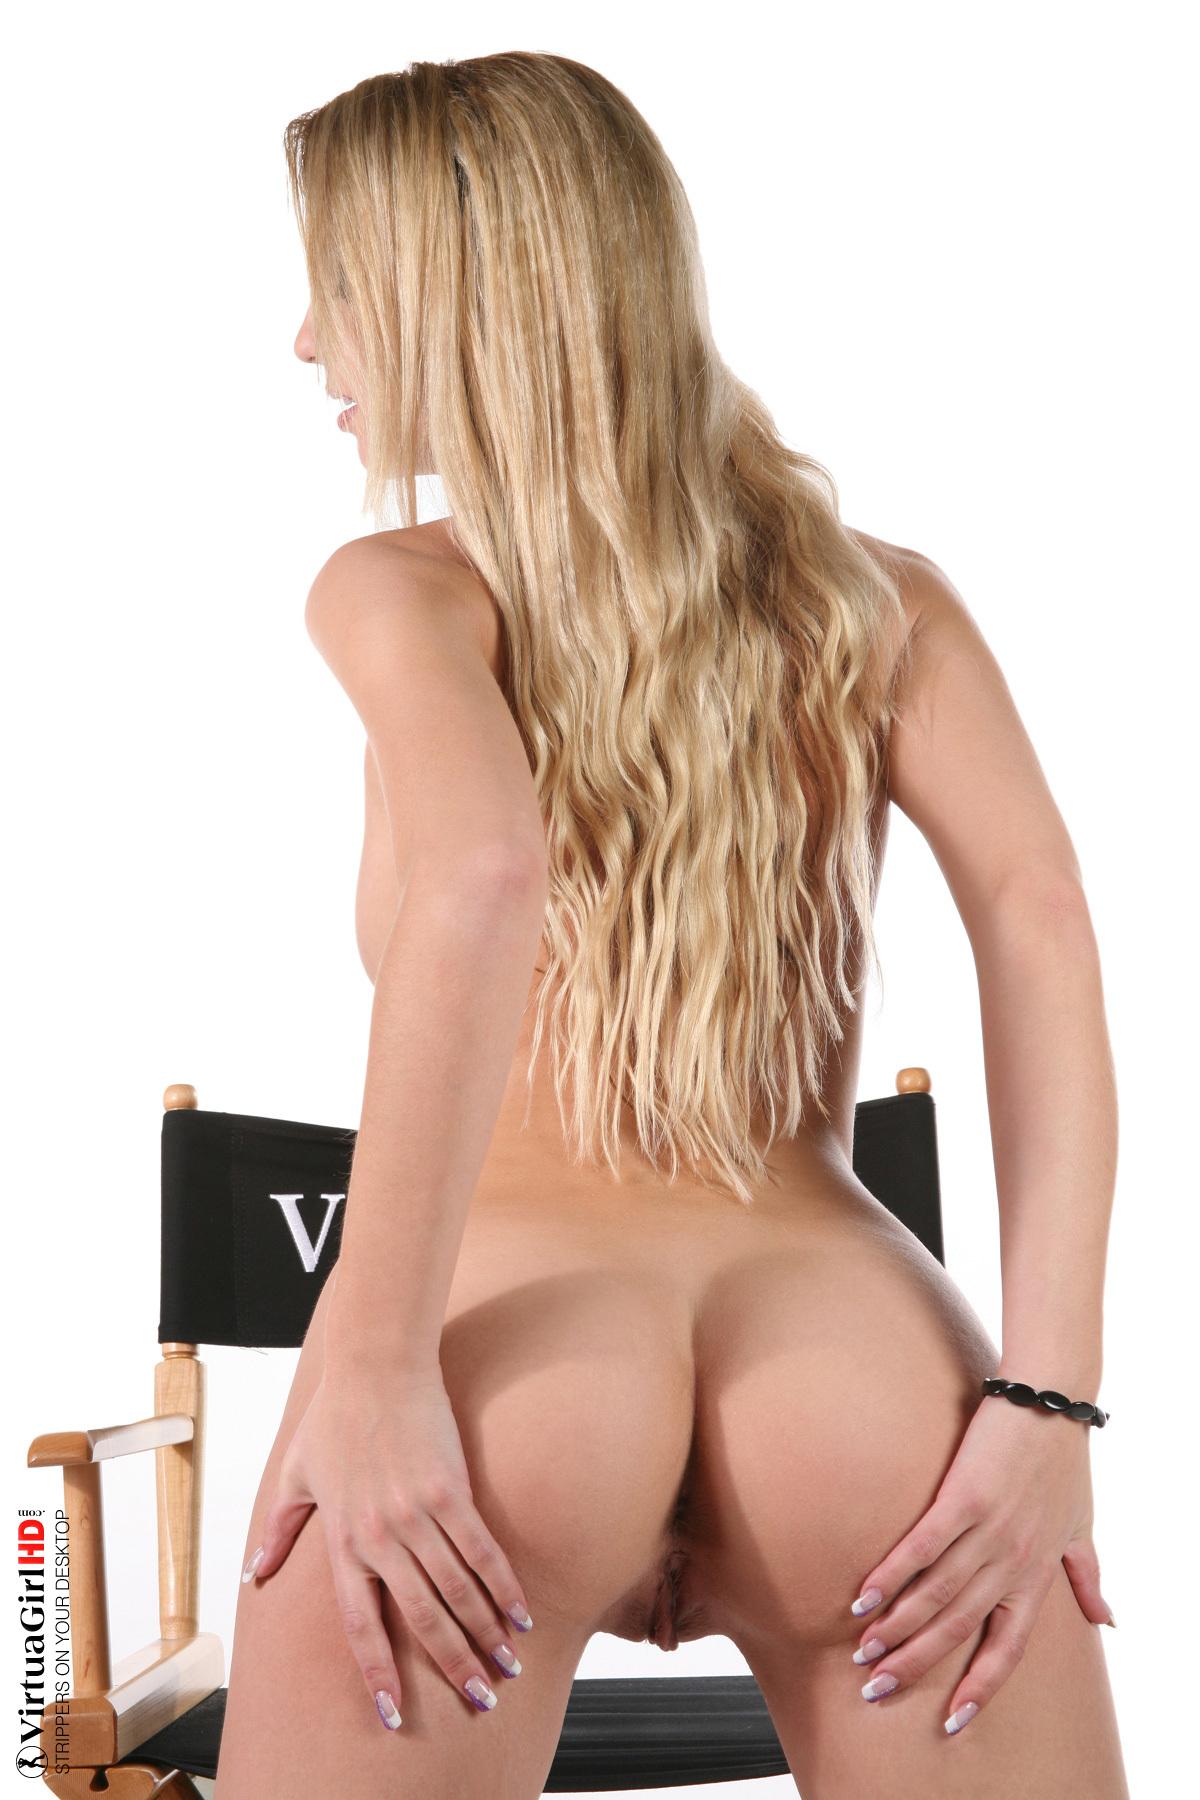 watch college girls stripping games